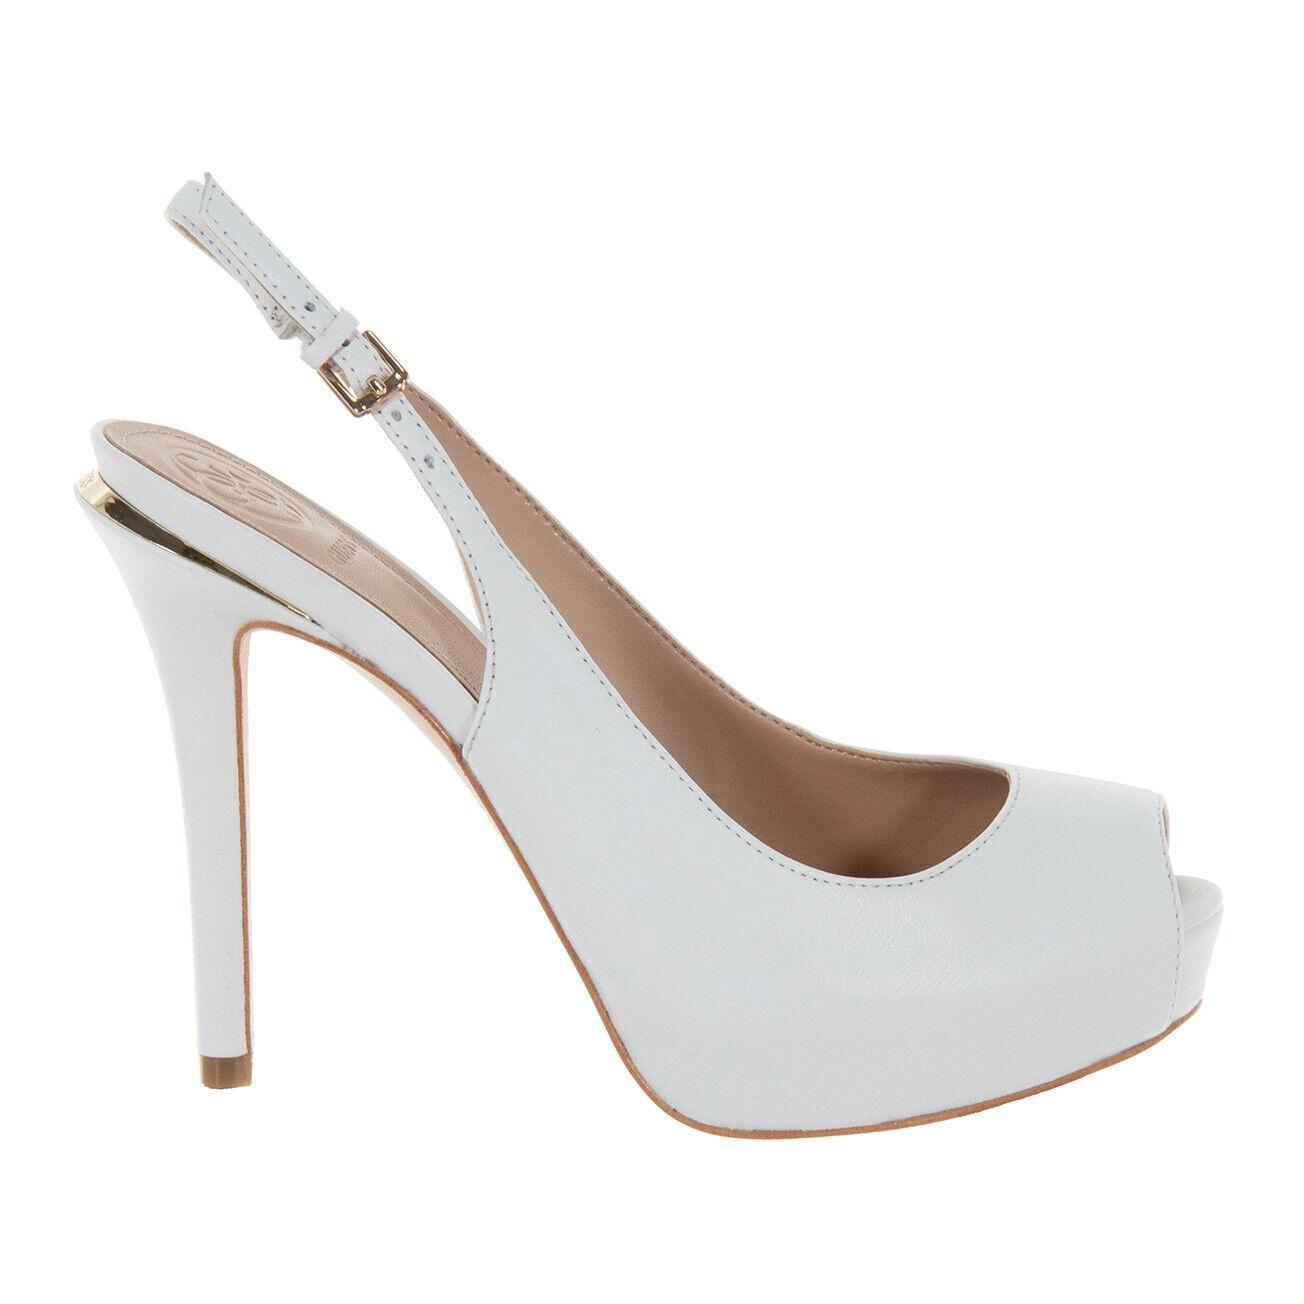 Schuhe Guess Damen Sandalen Hartlie Stumpf Leder Weiß FL6HRLLEA07